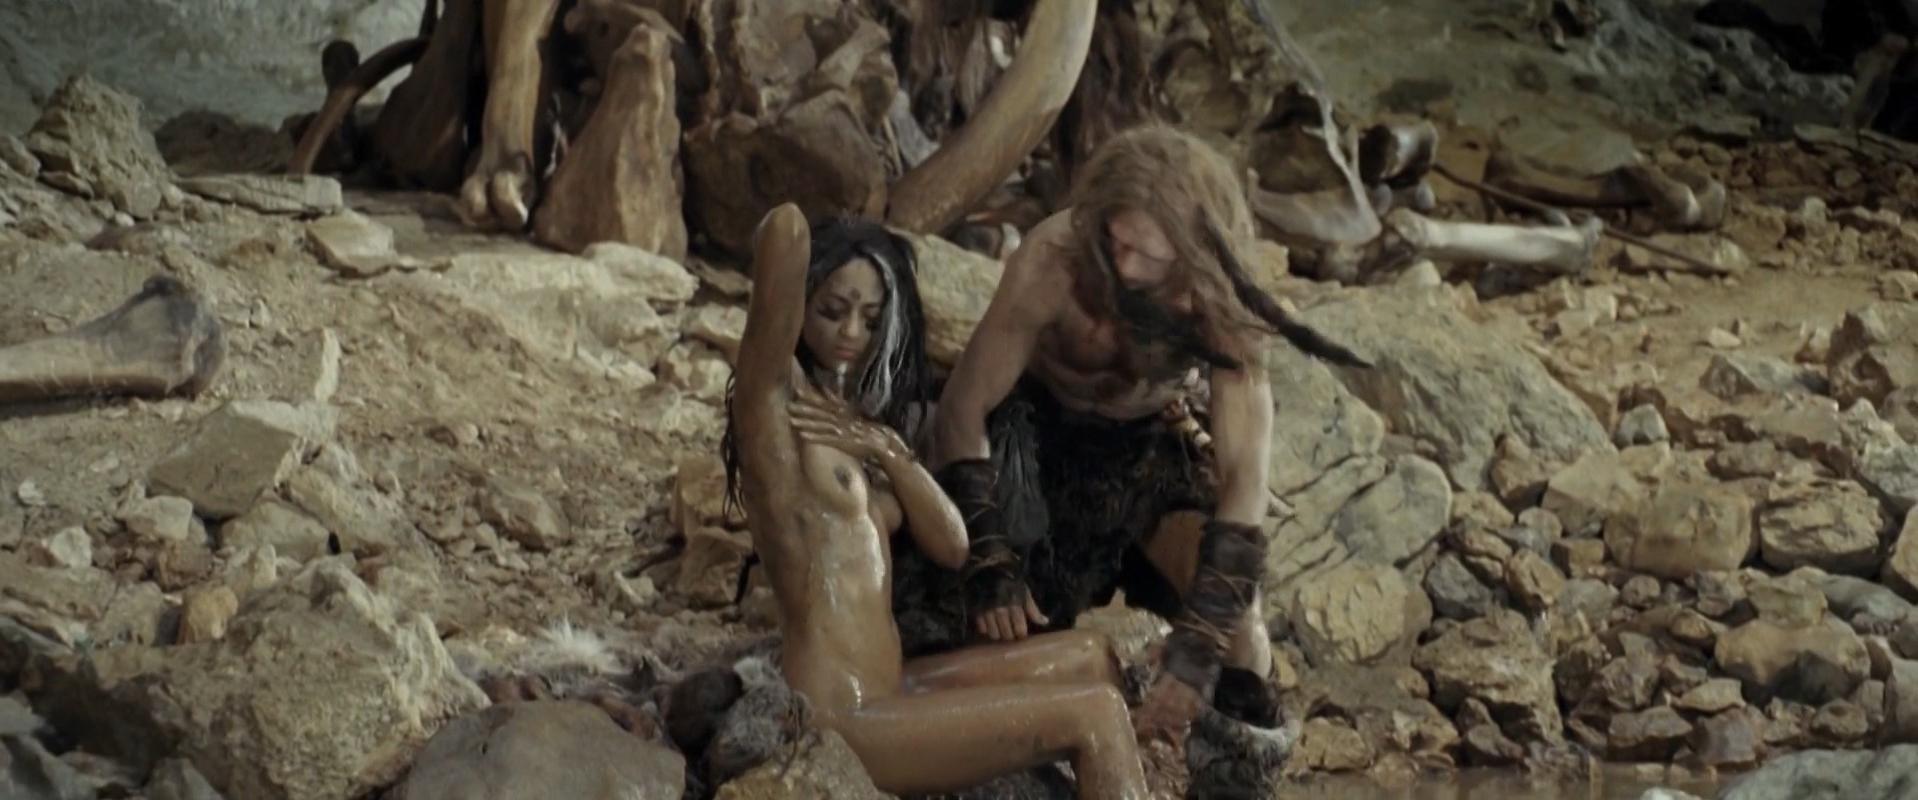 Секс Кино Первобытные Люди